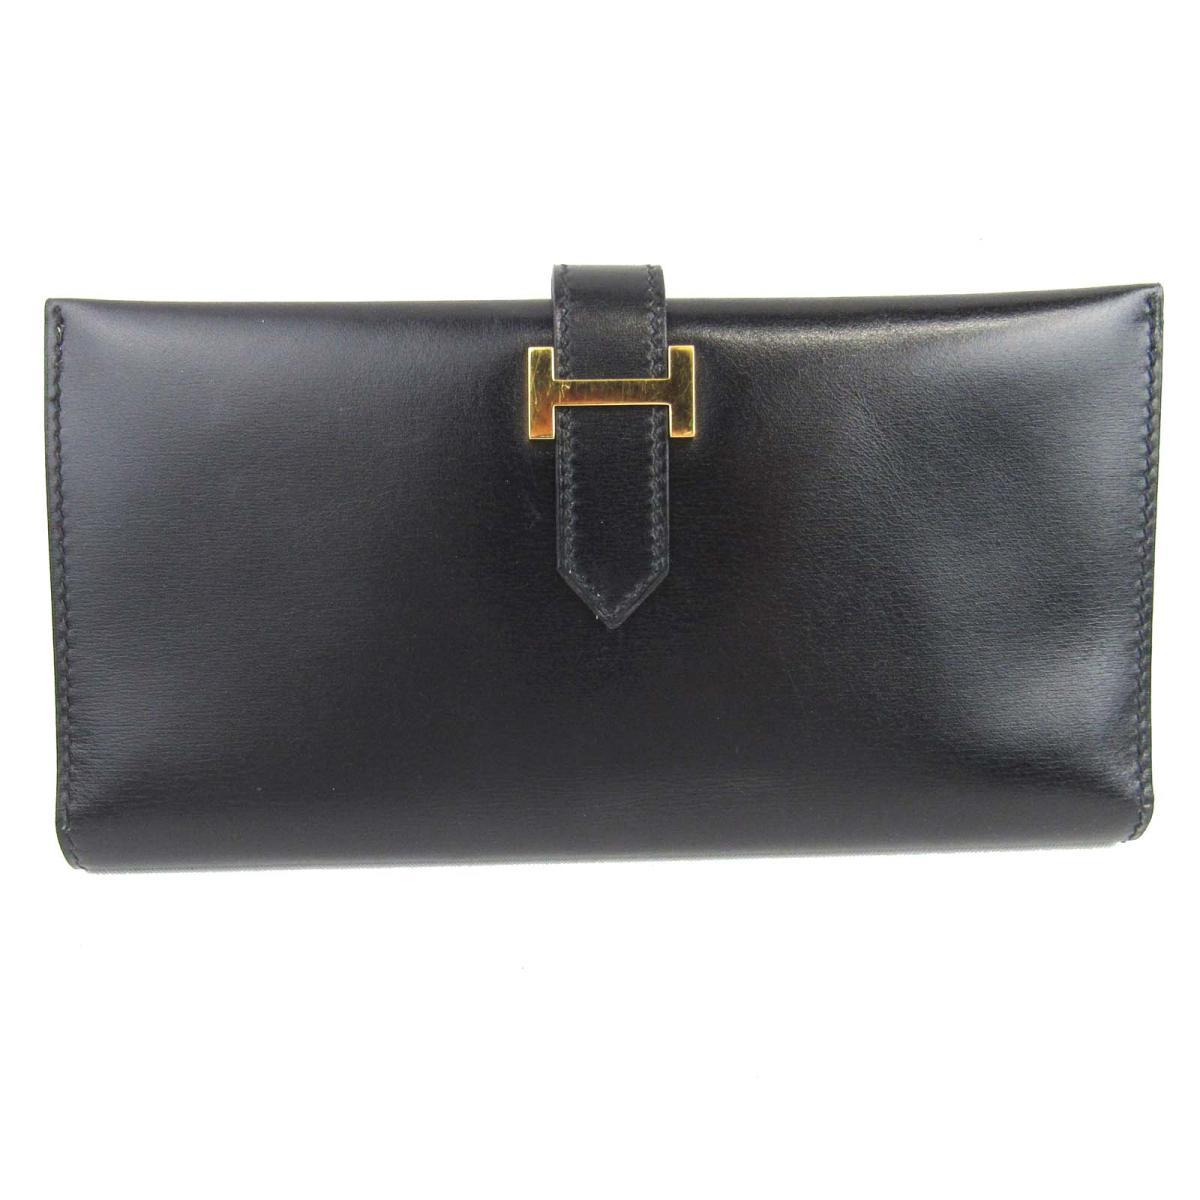 【おすすめ!】ベアンクラシック 二つ折長財布 長財布